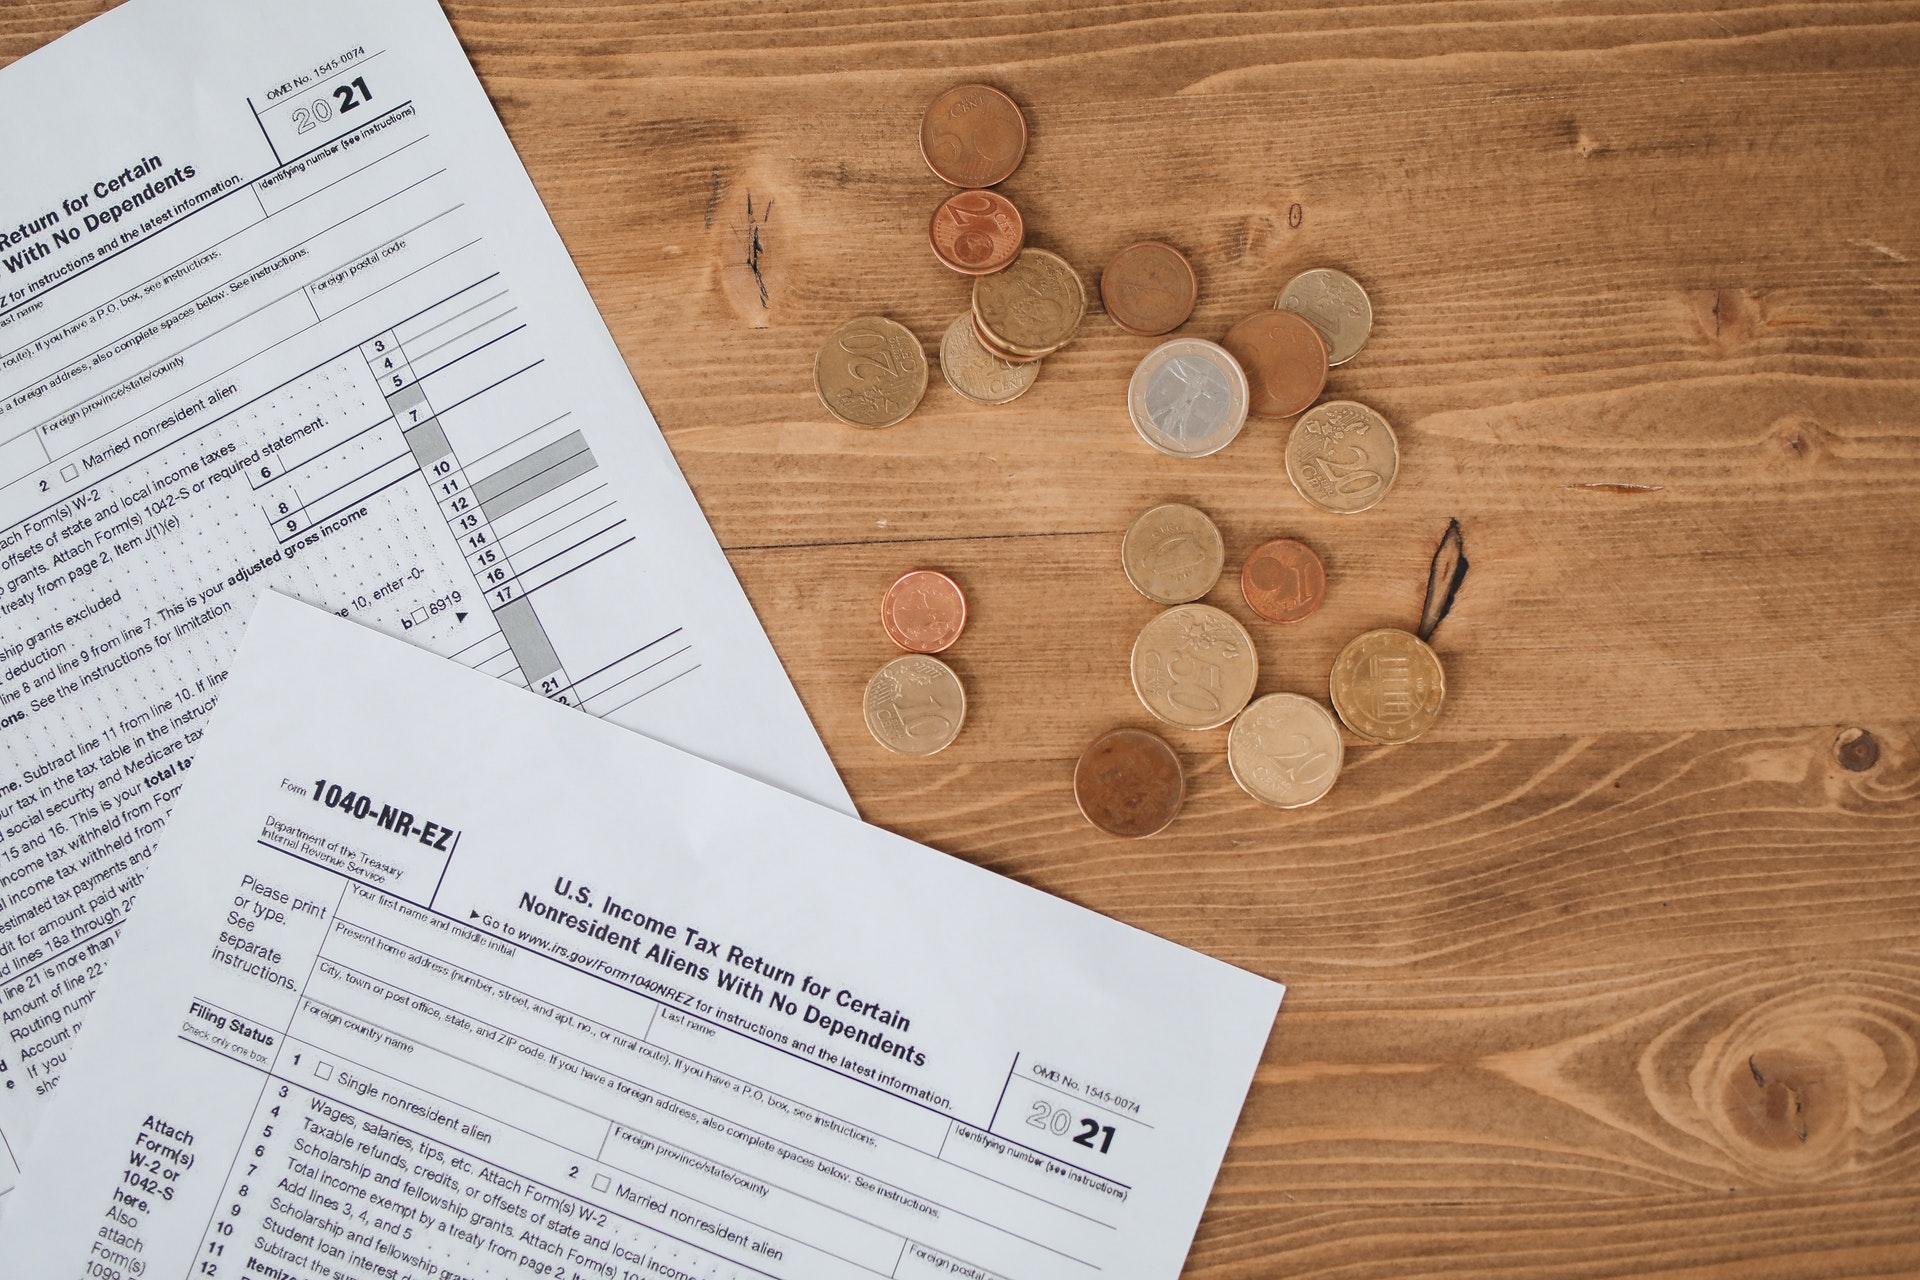 Vemos duas folhas de papel e algumas moedas sobre uma mesa (imagem ilustrativa). Texto: franquia Sodiê Doces.